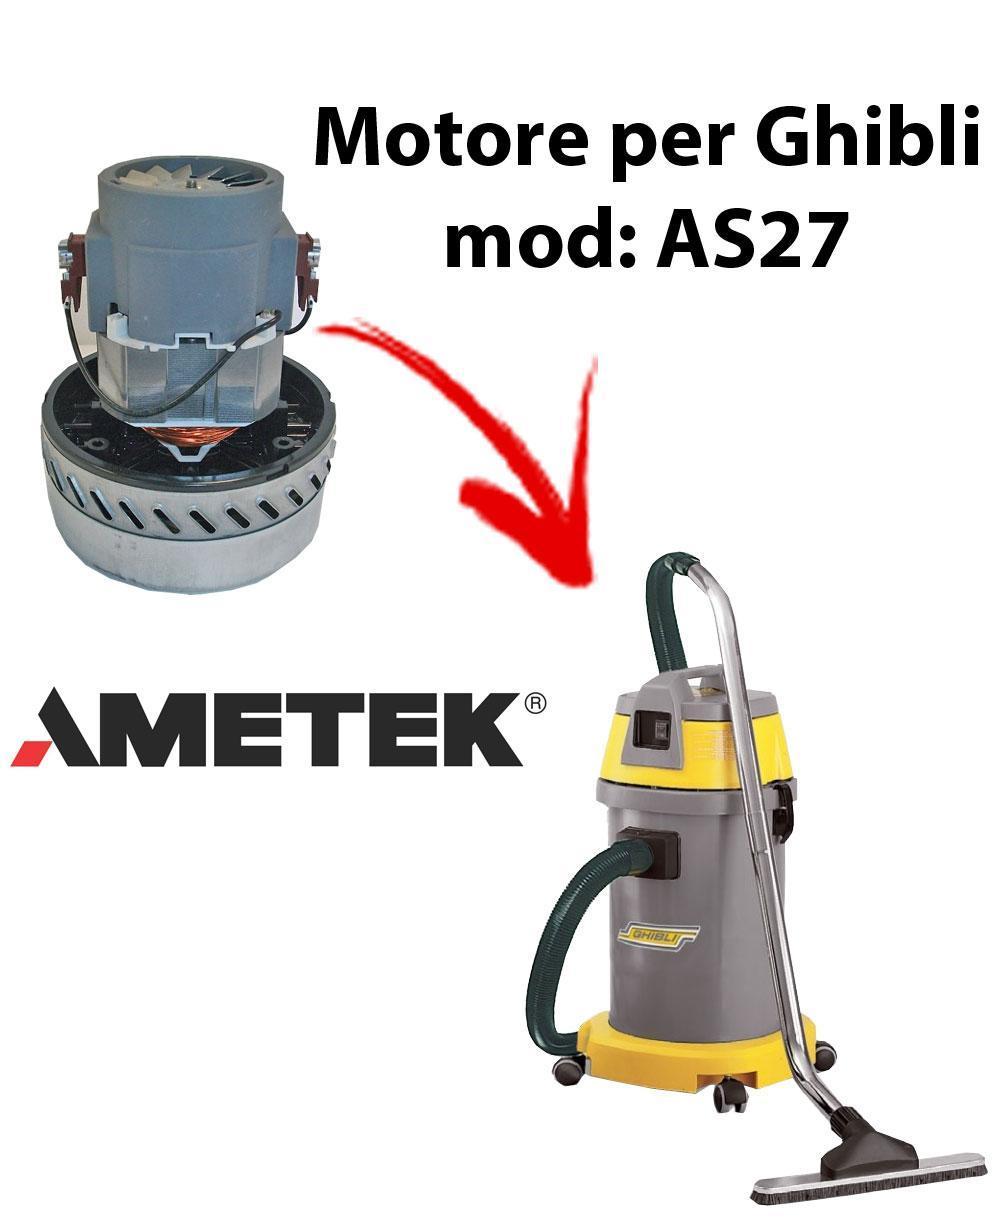 AS27  Vacuum motor Amatek for wet and dry vacuum cleaner GHIBLI